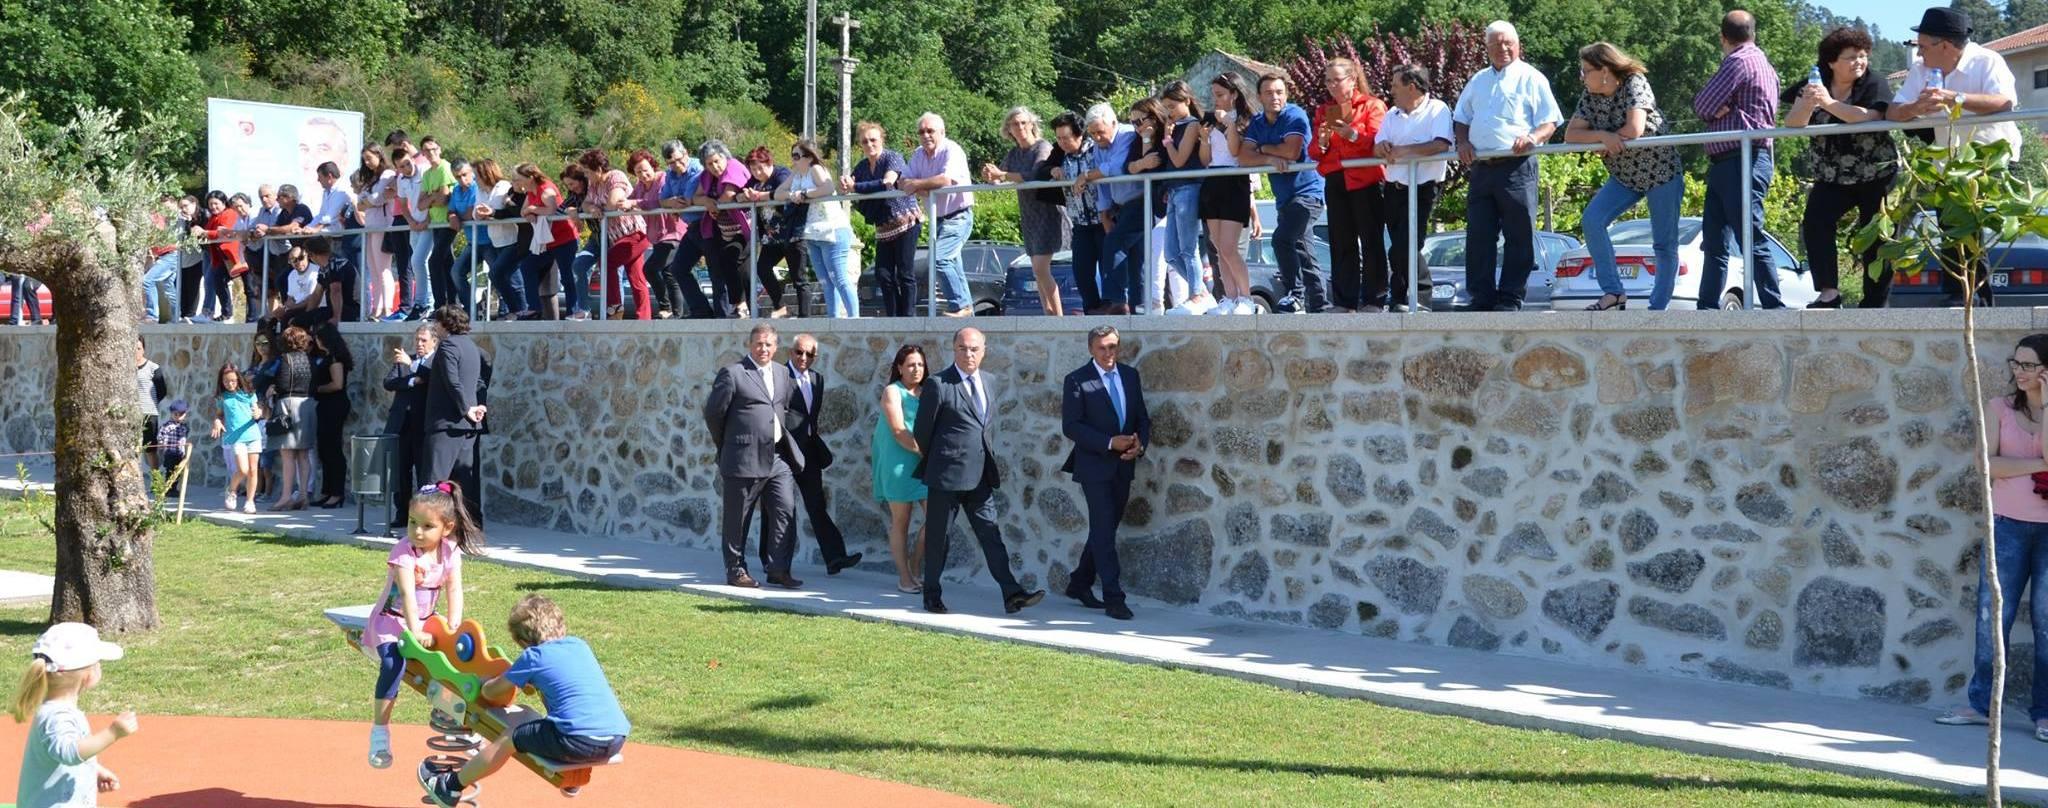 Presidente da Câmara inaugura Parques de Lazer das freguesias de Quintiães e Aguiar